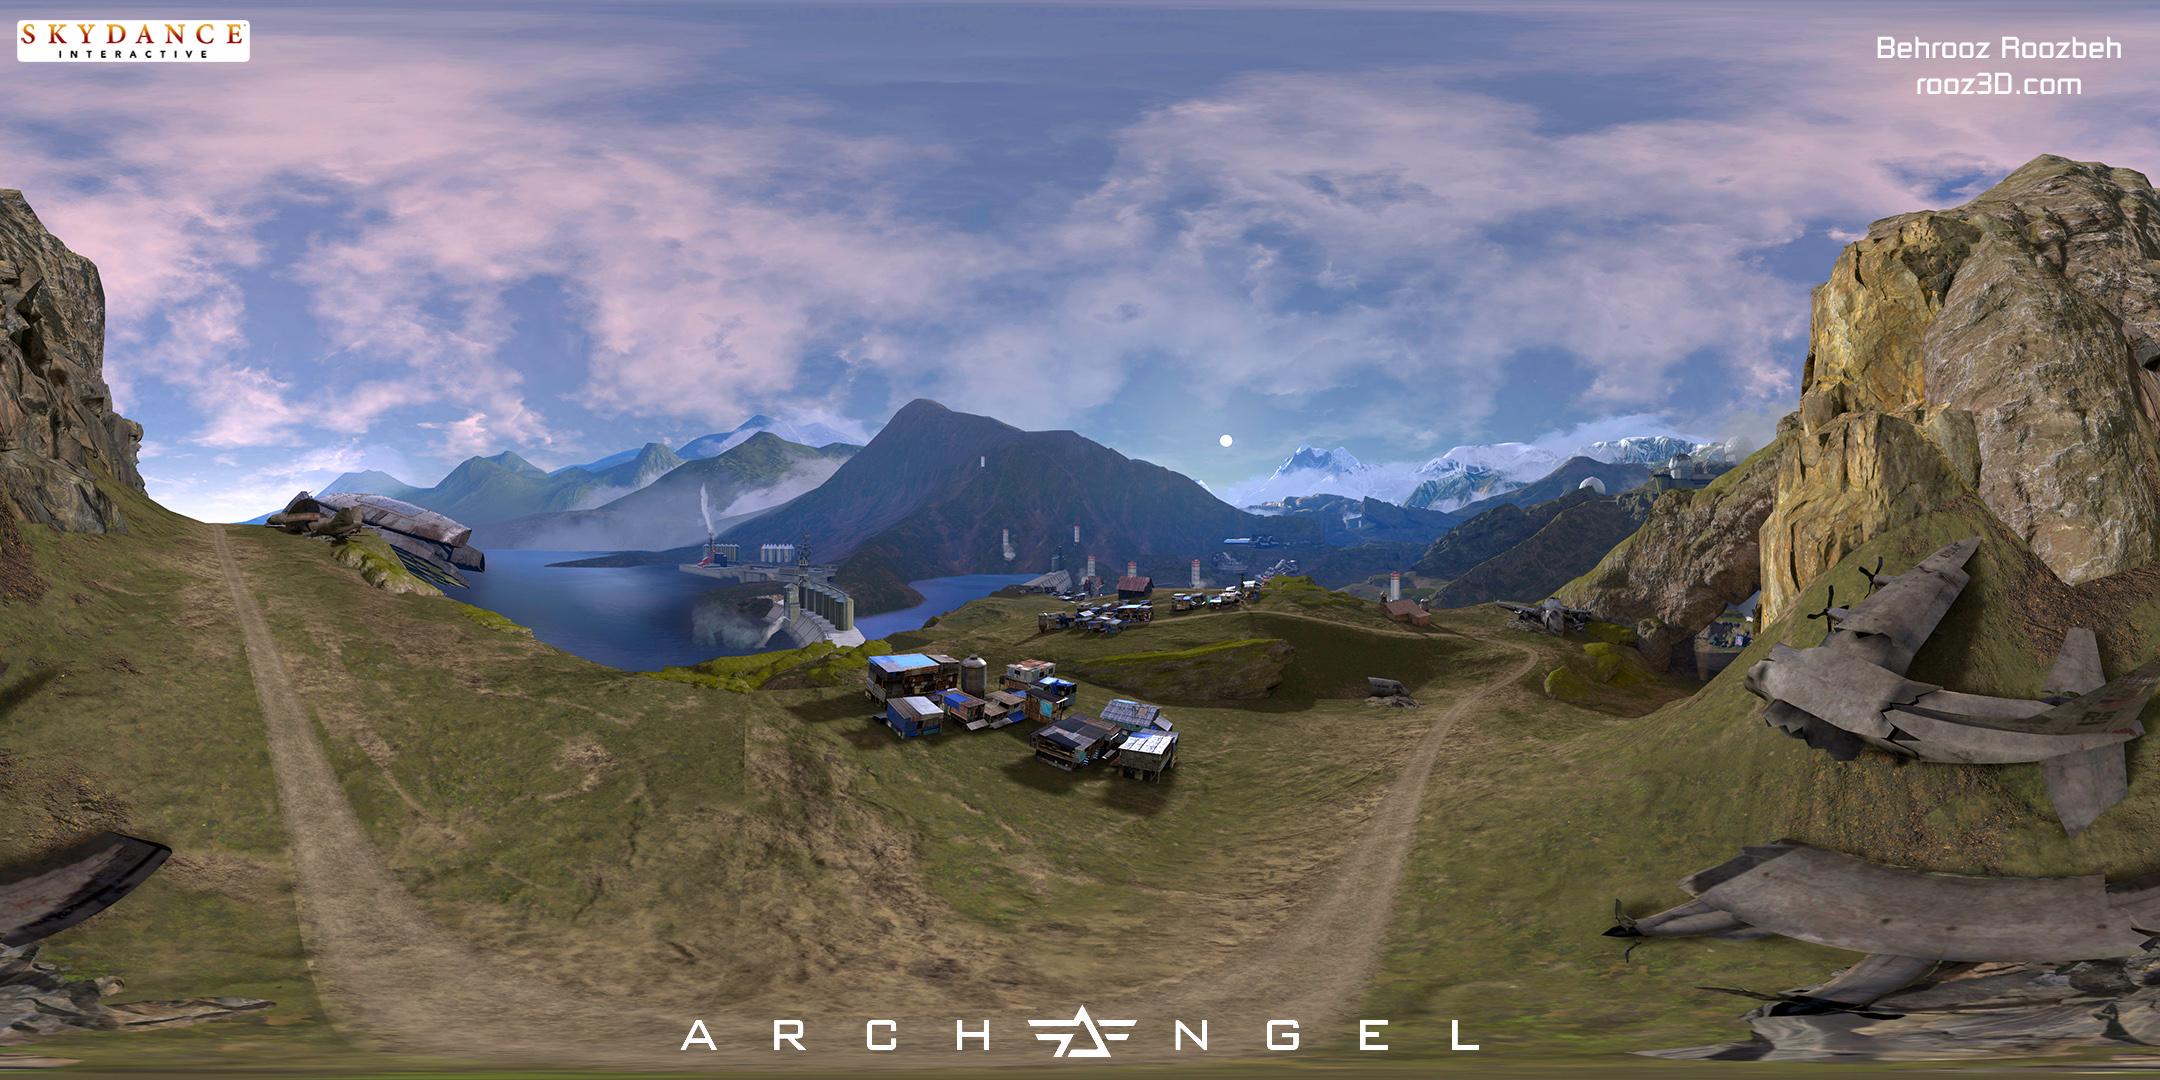 Archangel_VR_09.jpg